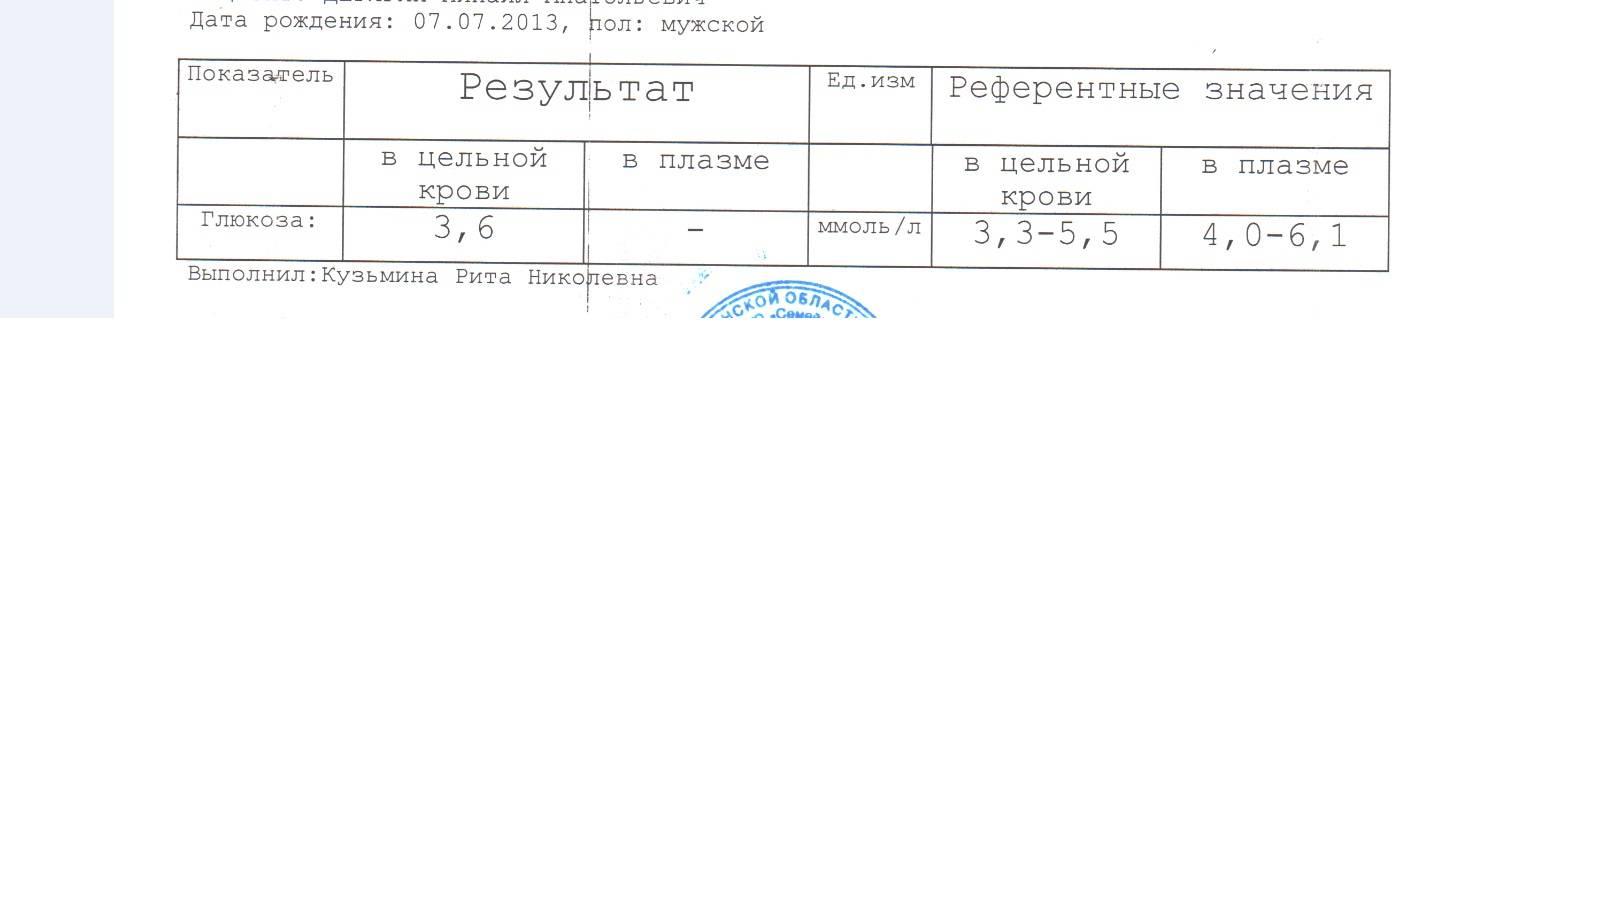 Мишка и Биомед - Страница 3 0626c326f28dbfebd4ed8f9dff3d78e0bc44d1283506853